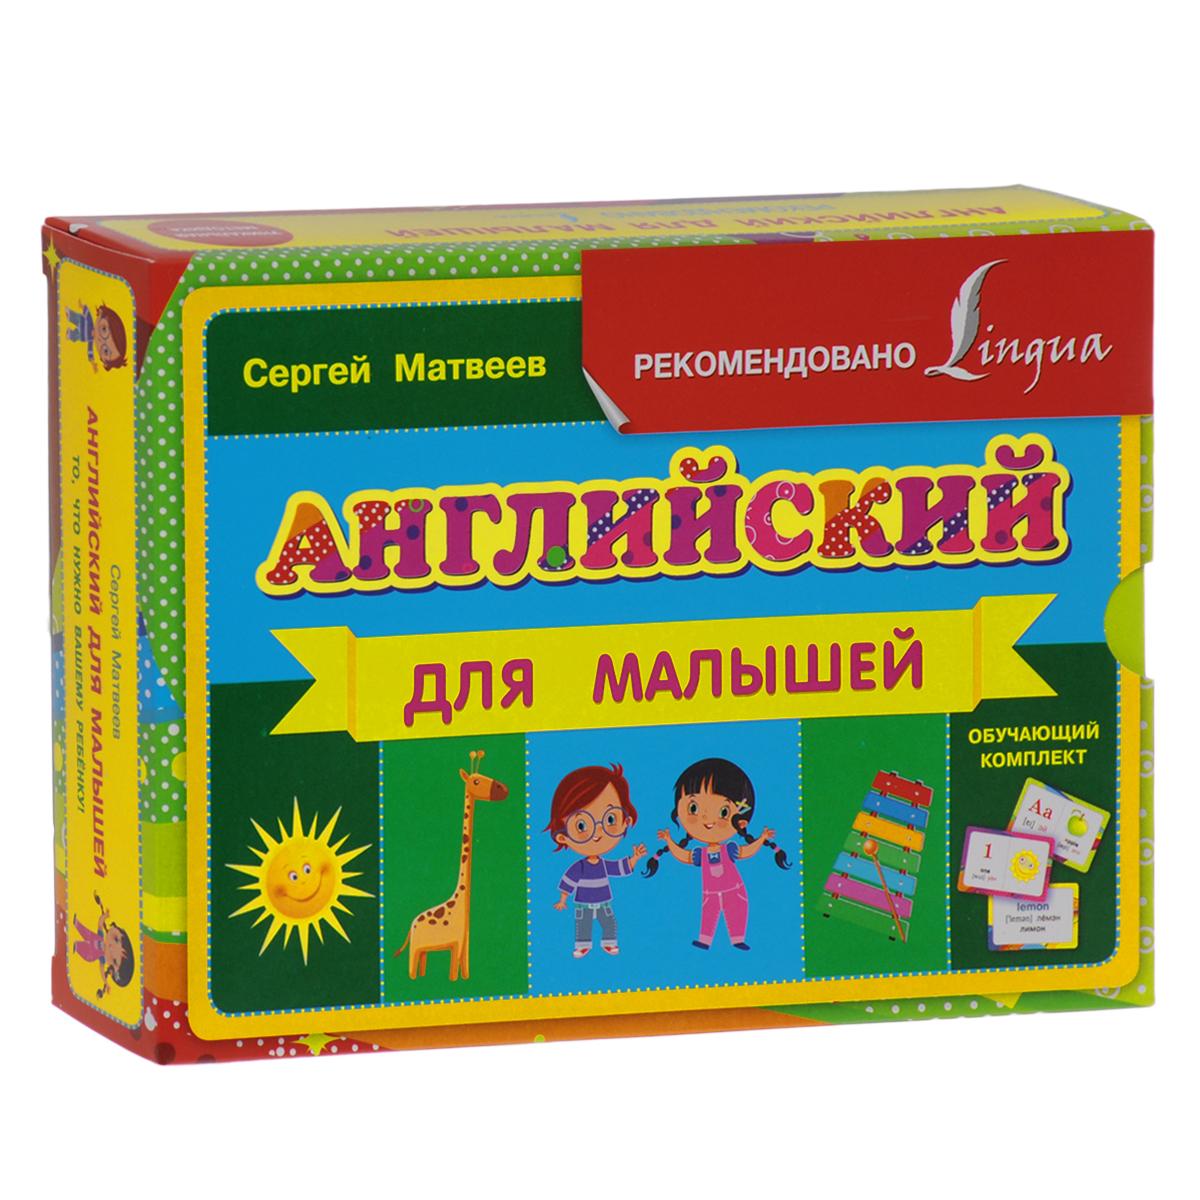 Сергей Матвеев Английский для малышей. Обучающий комплект матвеев с а английский для малышей коробка